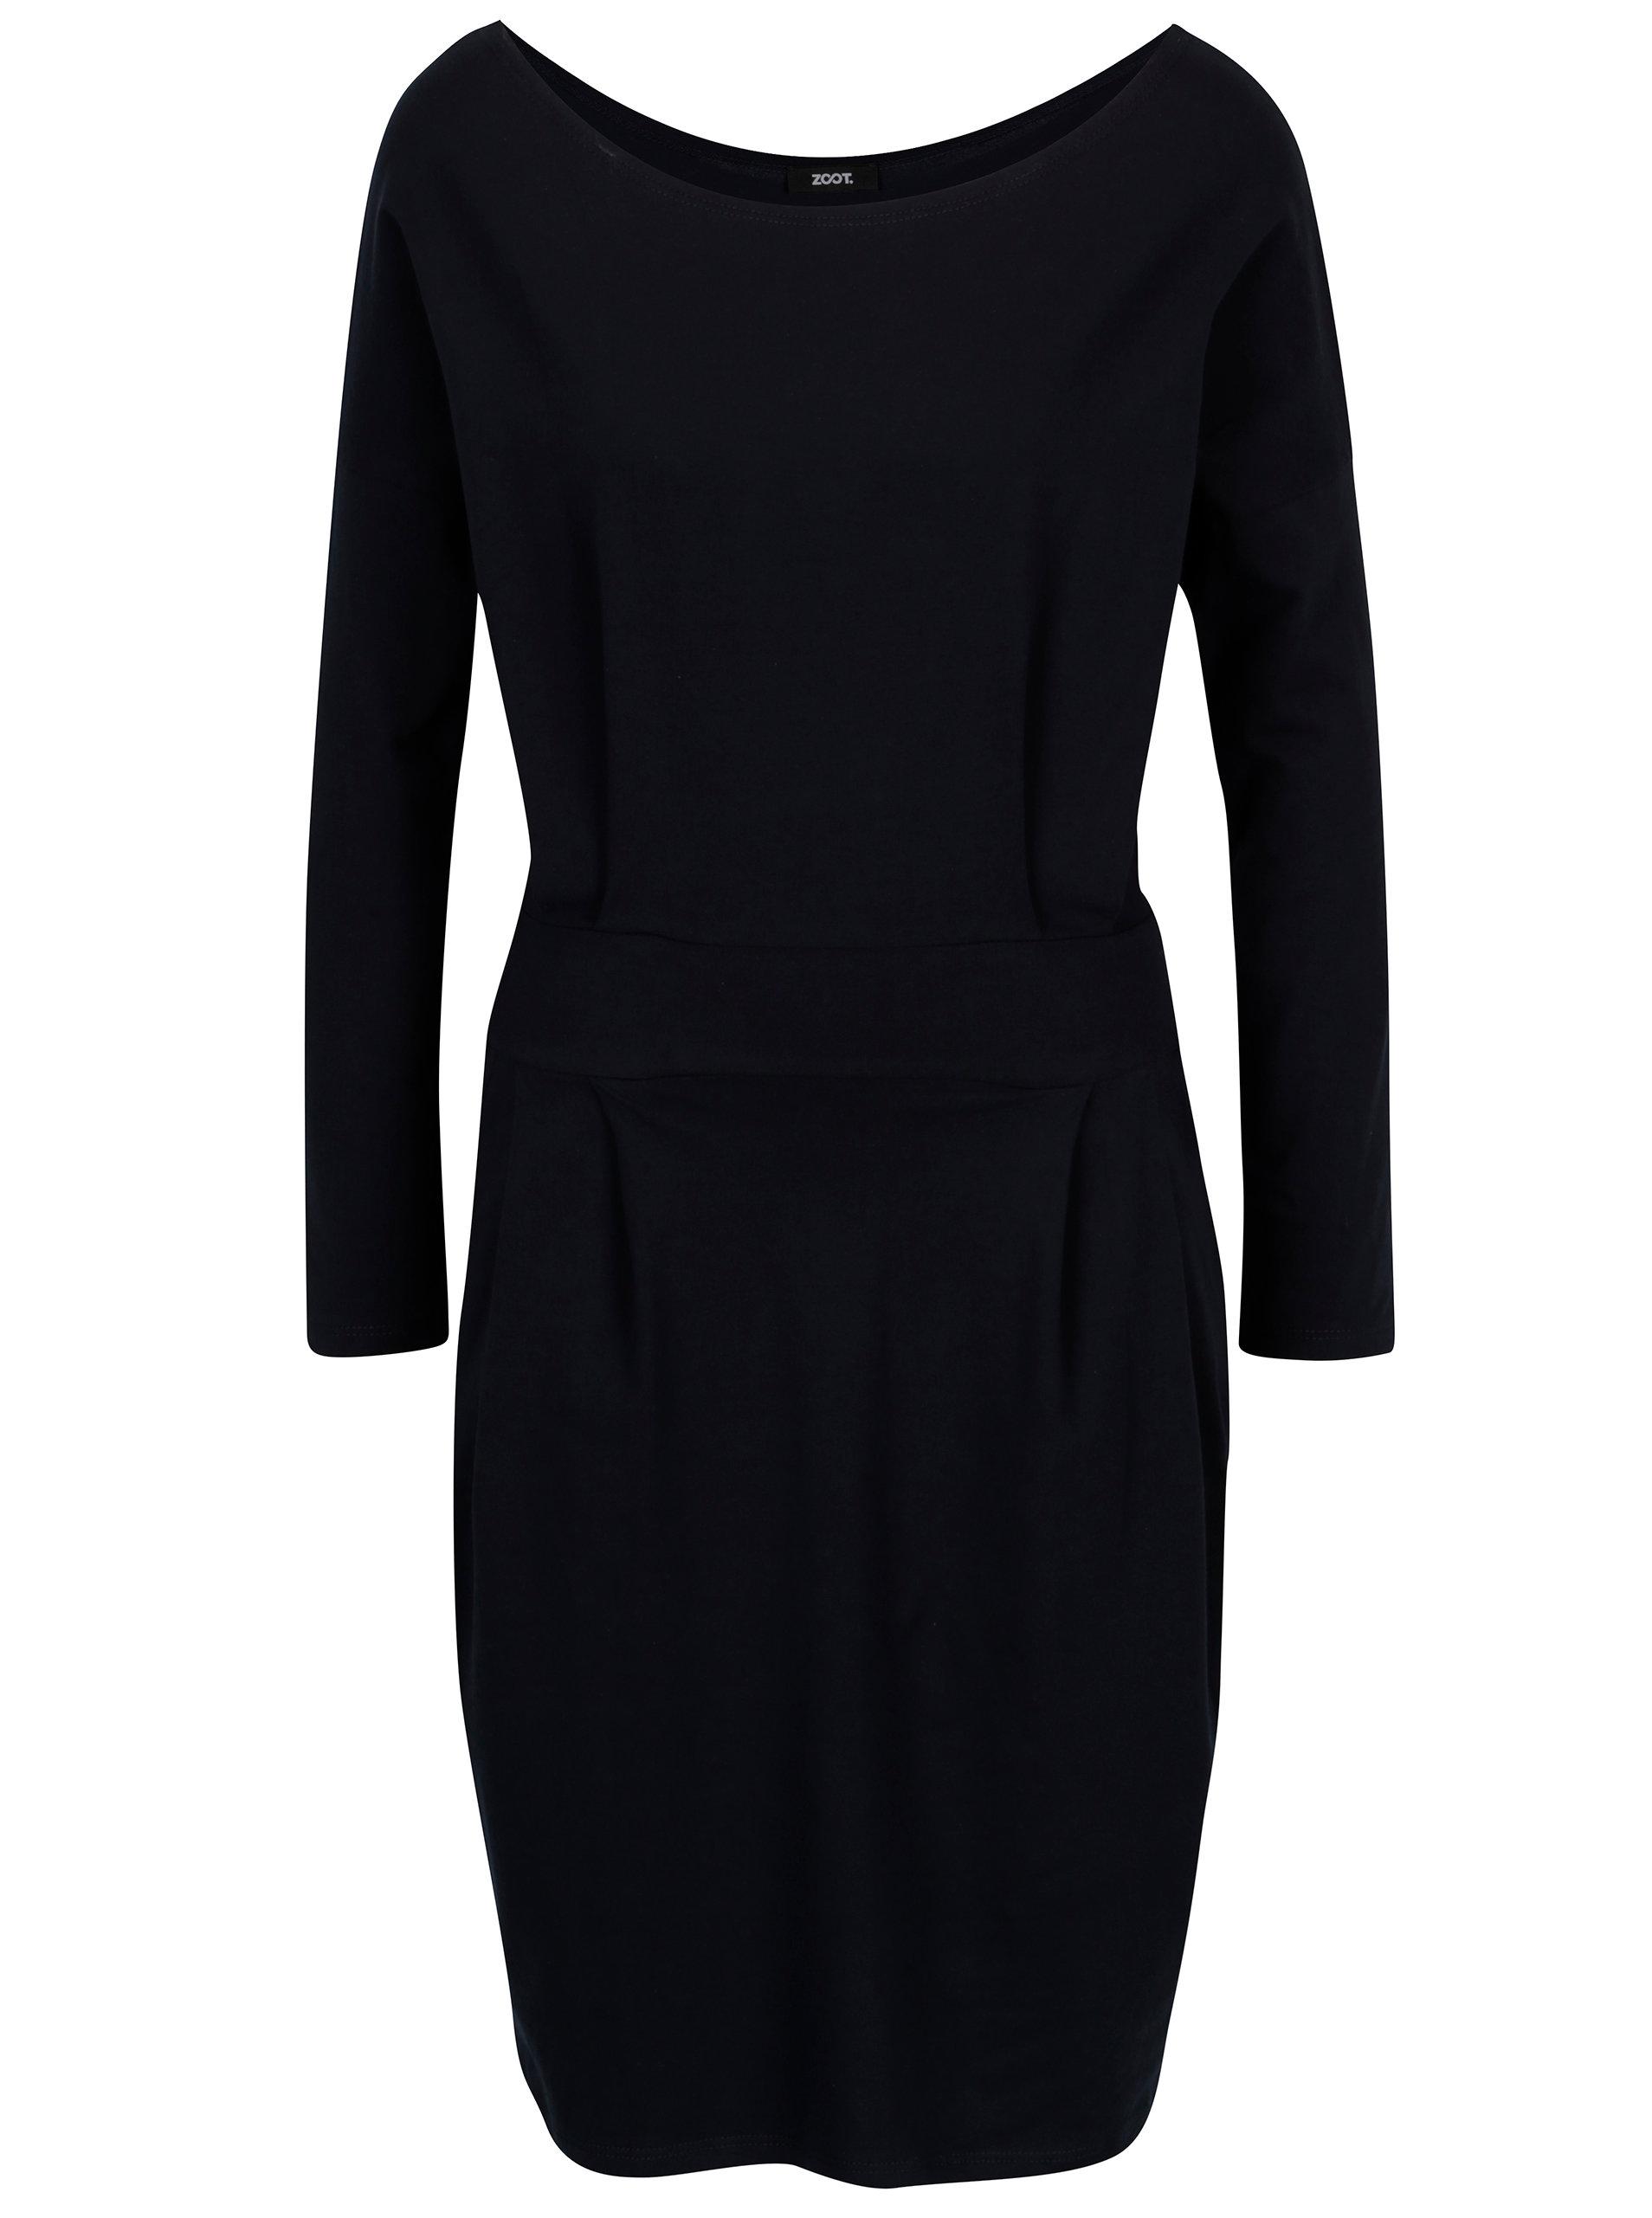 Tmavě modré pouzdrové šaty s kapsami a dlouhým rukávem ZOOT ... 58064097fa